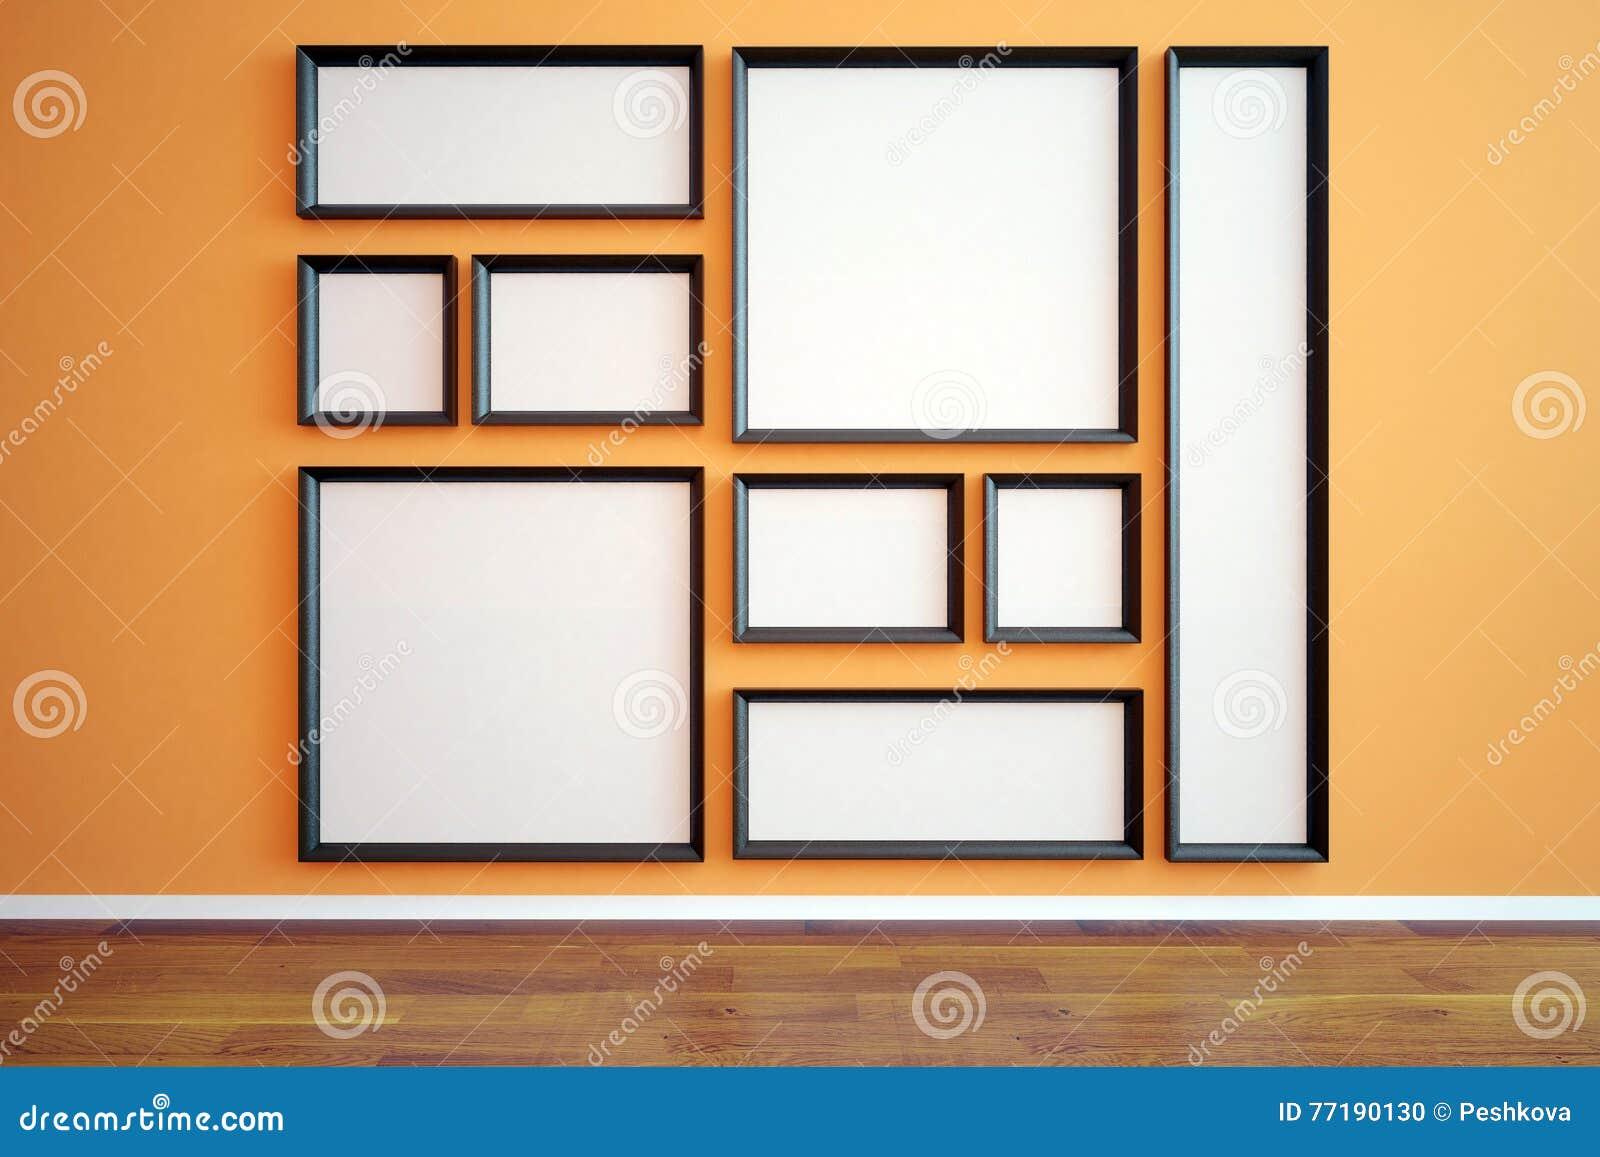 Marcos En Blanco Múltiples En Interior Stock de ilustración ...